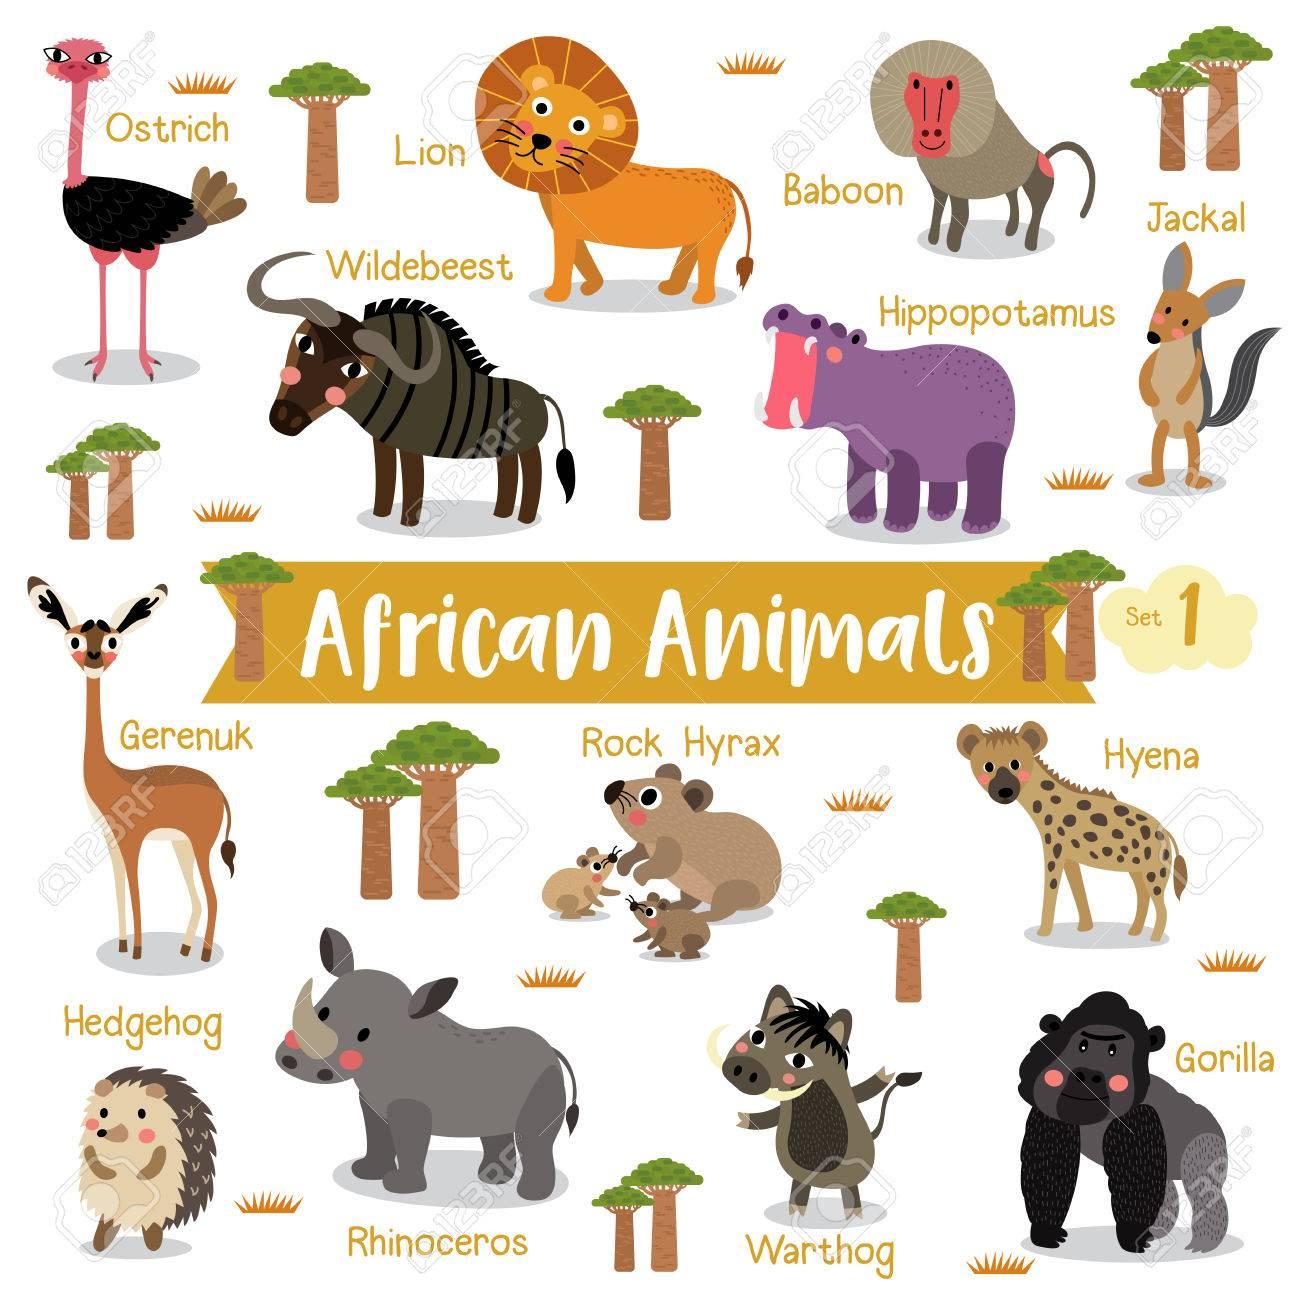 Animaux Africains Dessin Animé Sur Fond Blanc Avec Le Nom De L'animal,  Illustration Vectorielle. Set 1. serapportantà Apprendre Le Nom Des Animaux